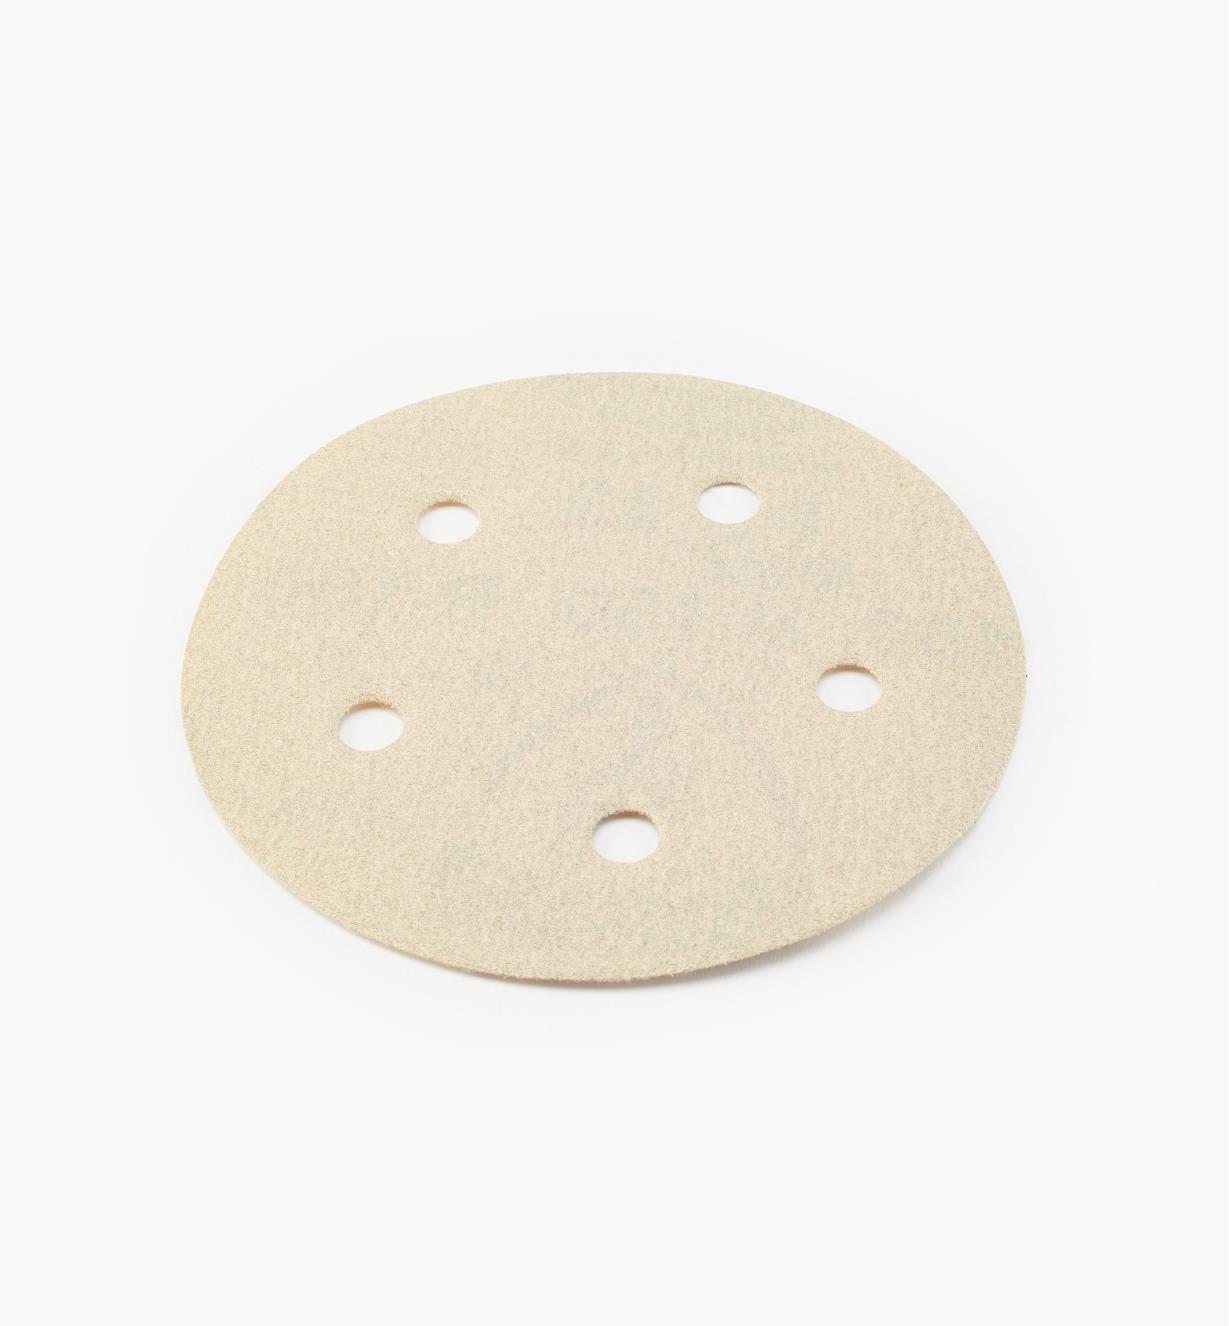 68Z9415 - Disque autoagrippant de 5po à 5perforations, grain150